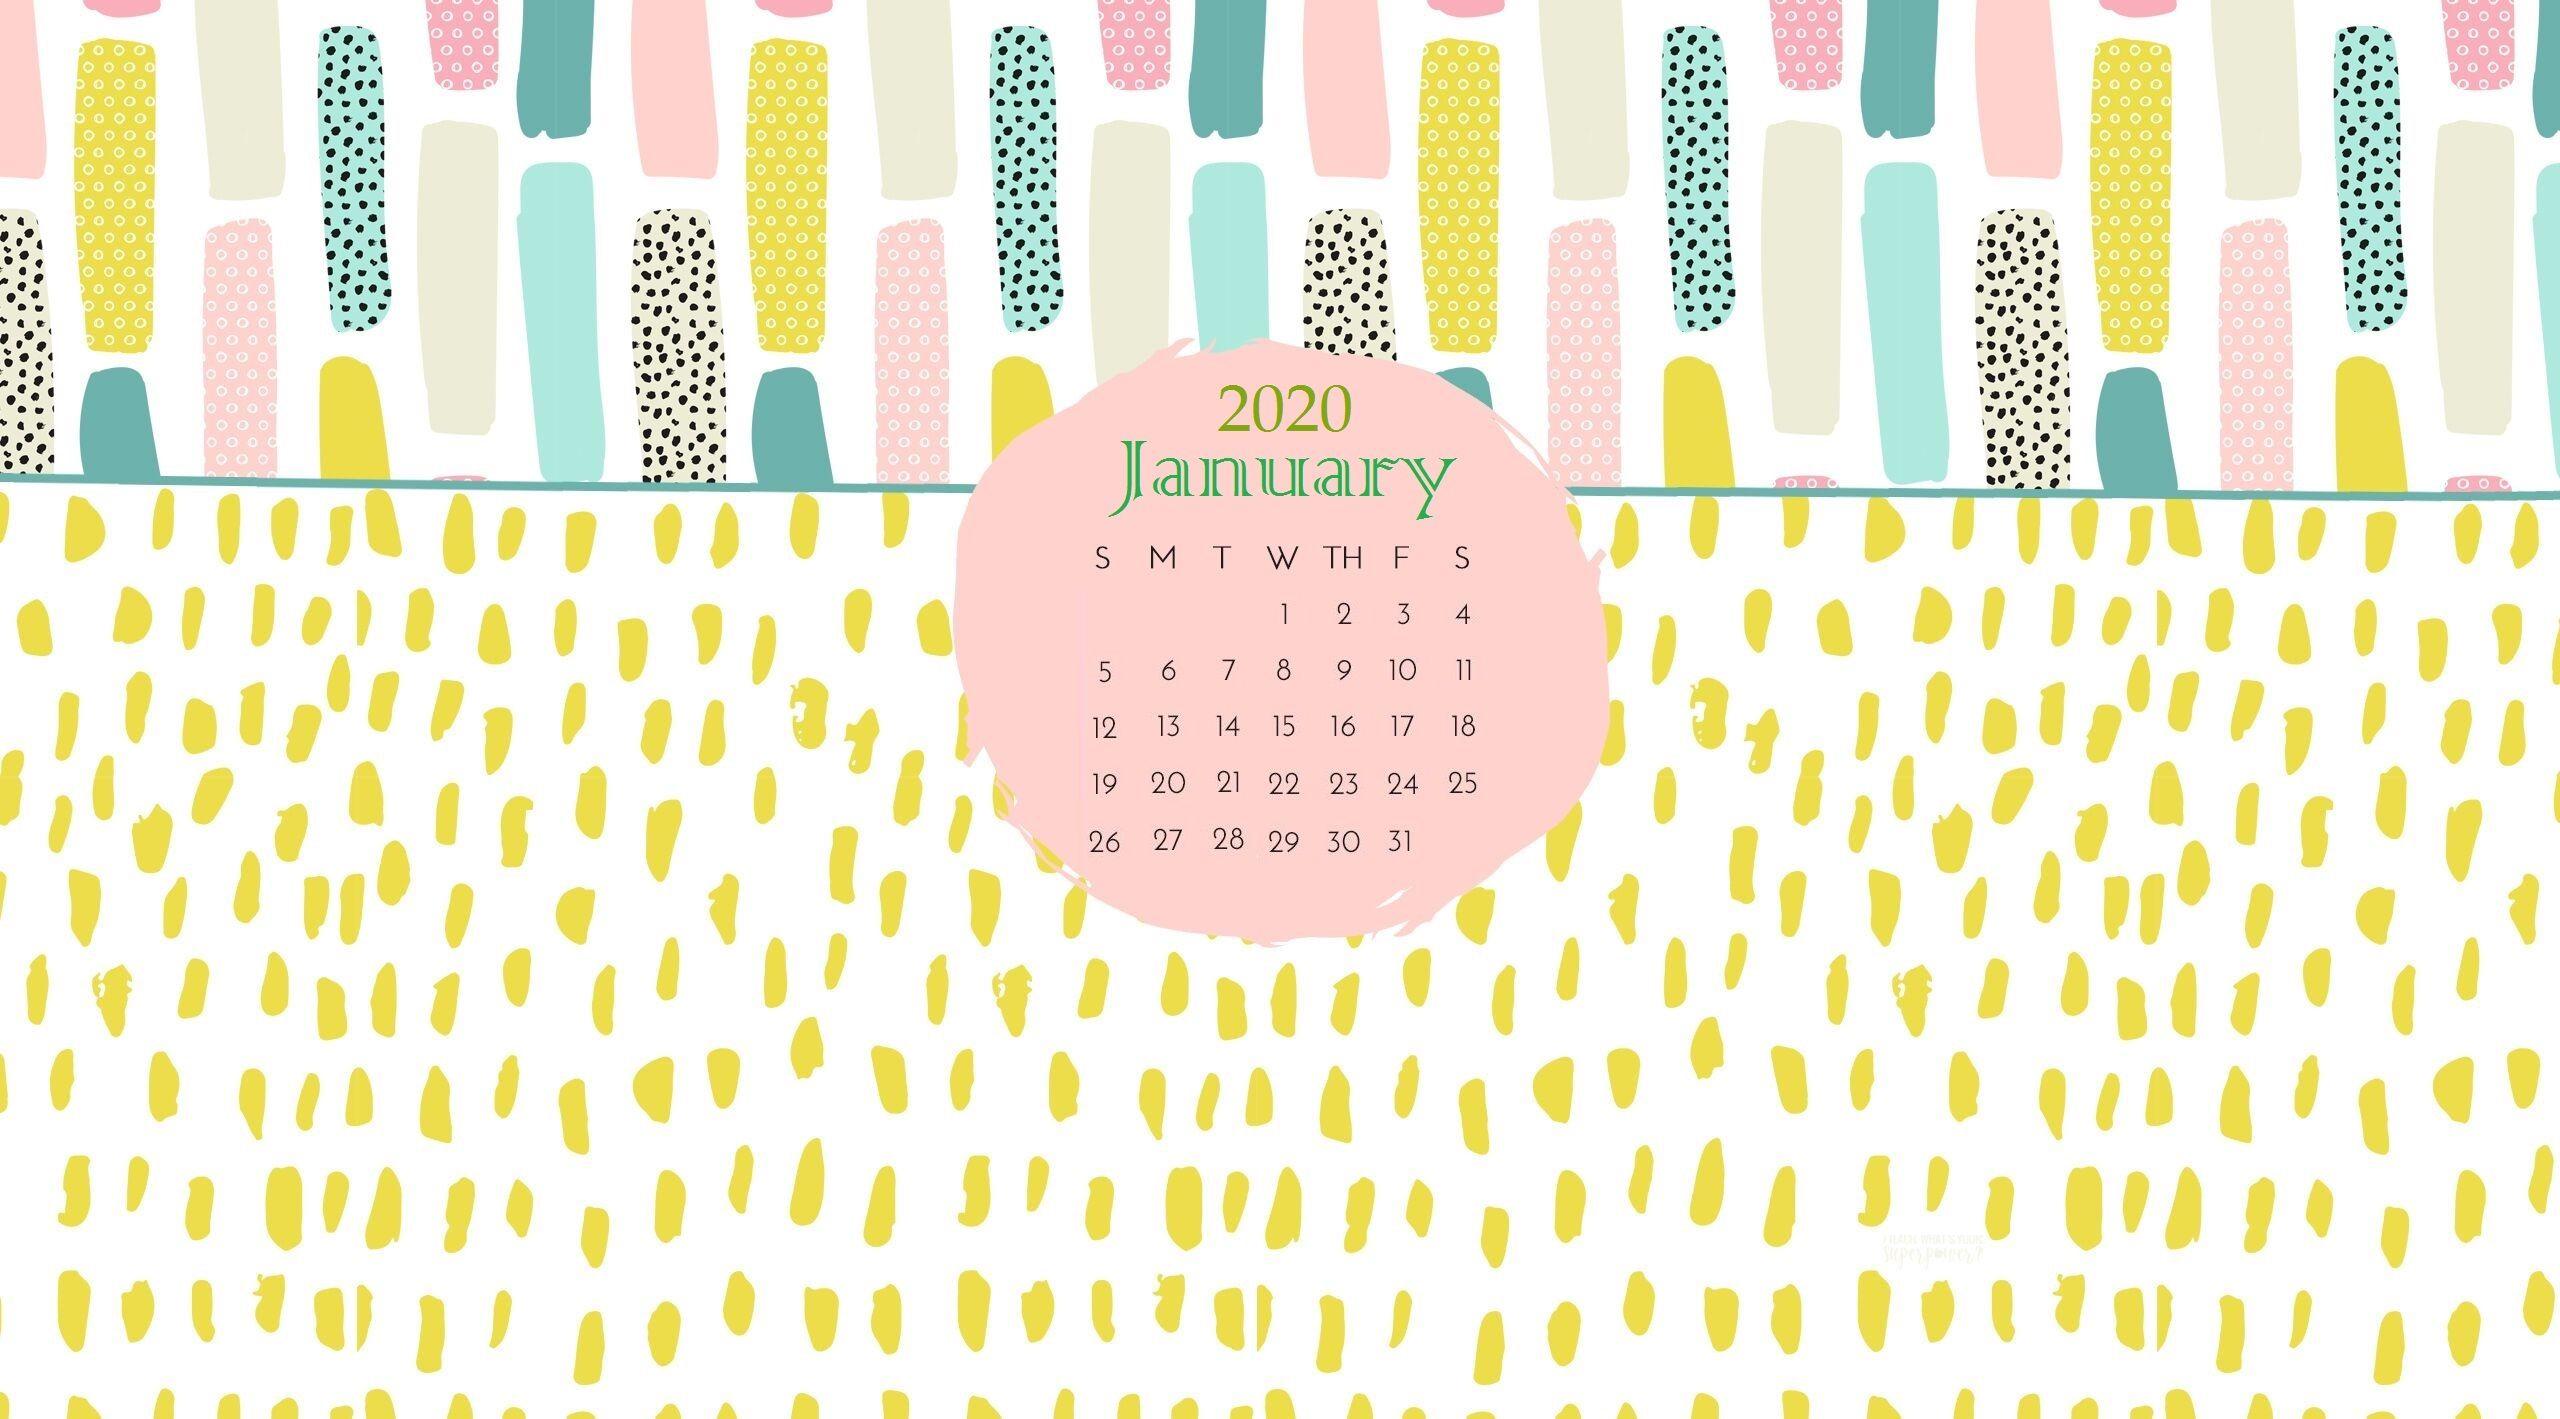 January 2020 Desktop Calendar Wallpaper Calendar Wallpaper January Calendar Desktop Calendar